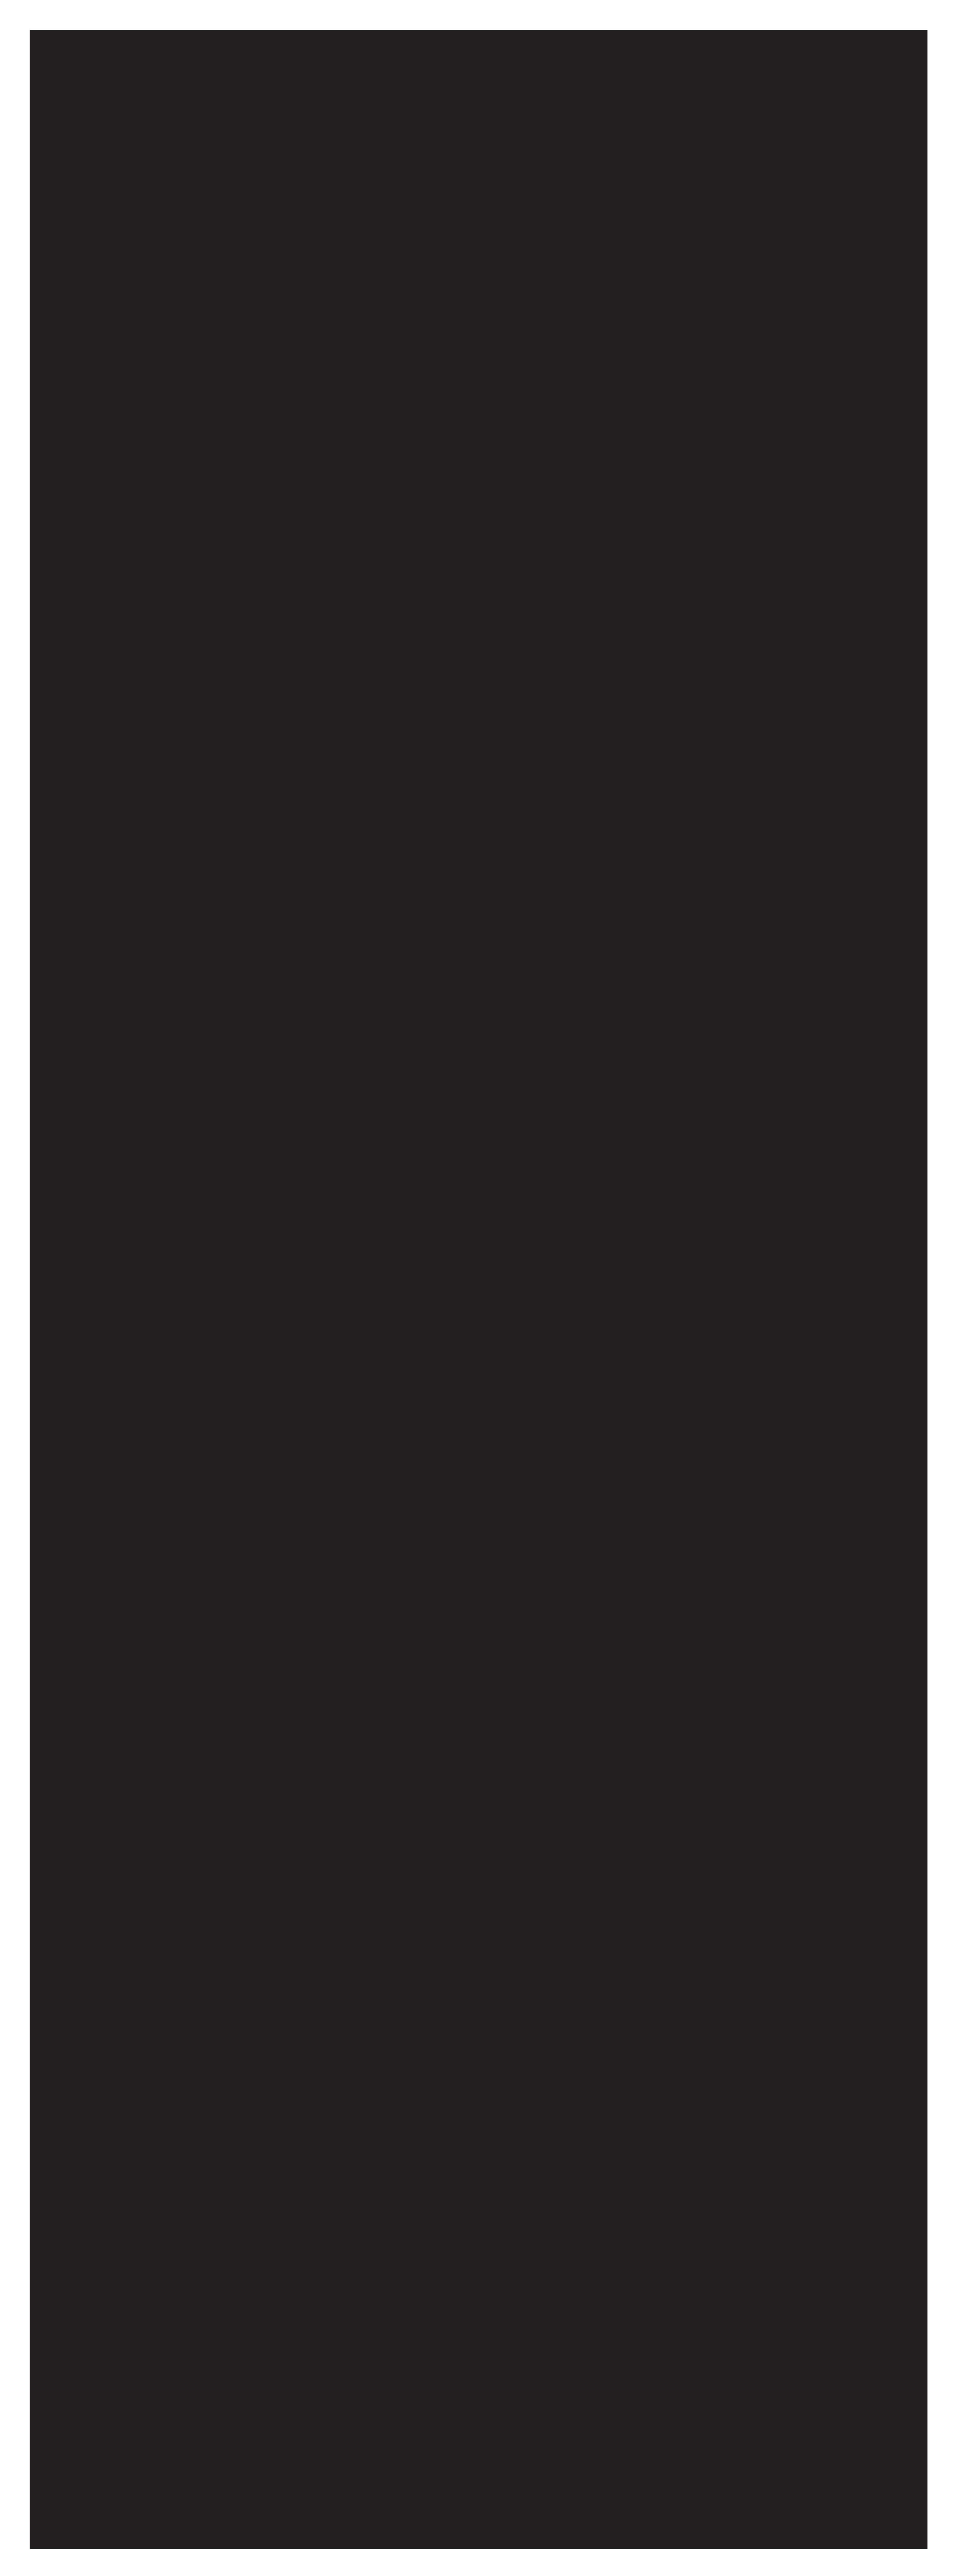 Moustache clipart lip. Beards png clip art